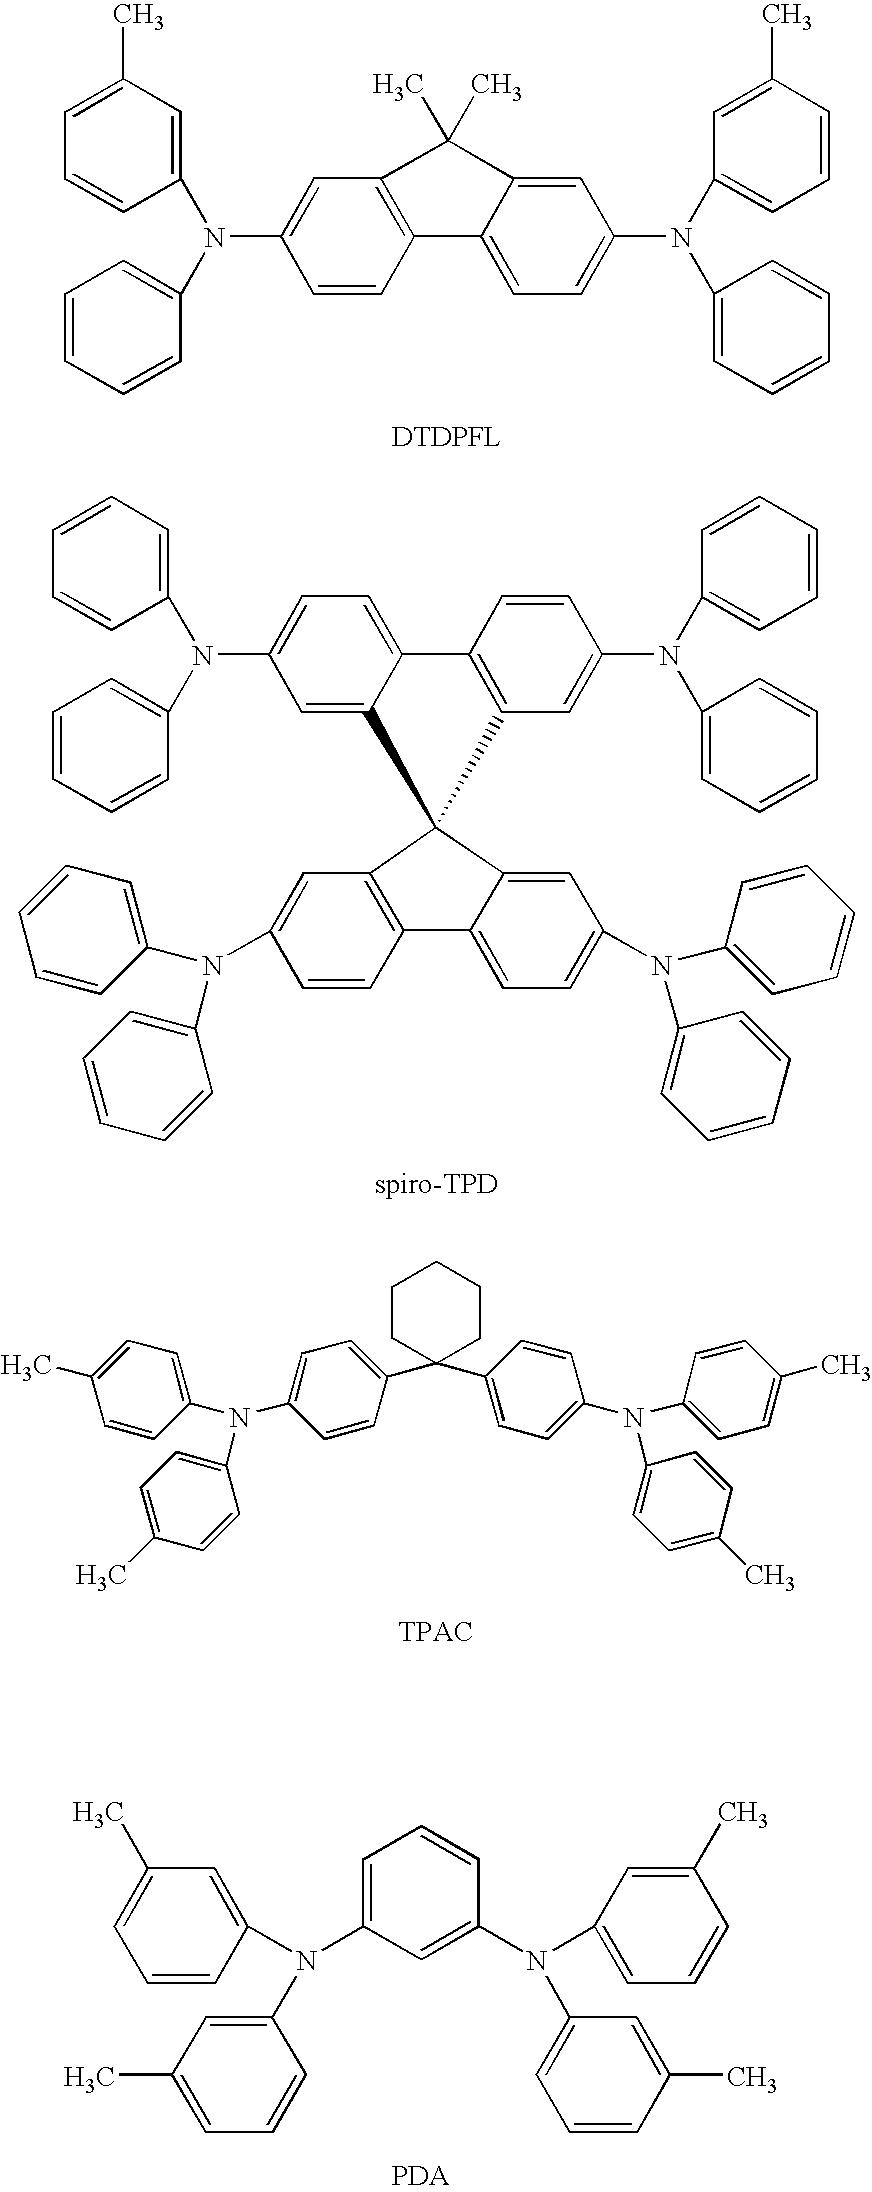 Figure US20090004507A1-20090101-C00002